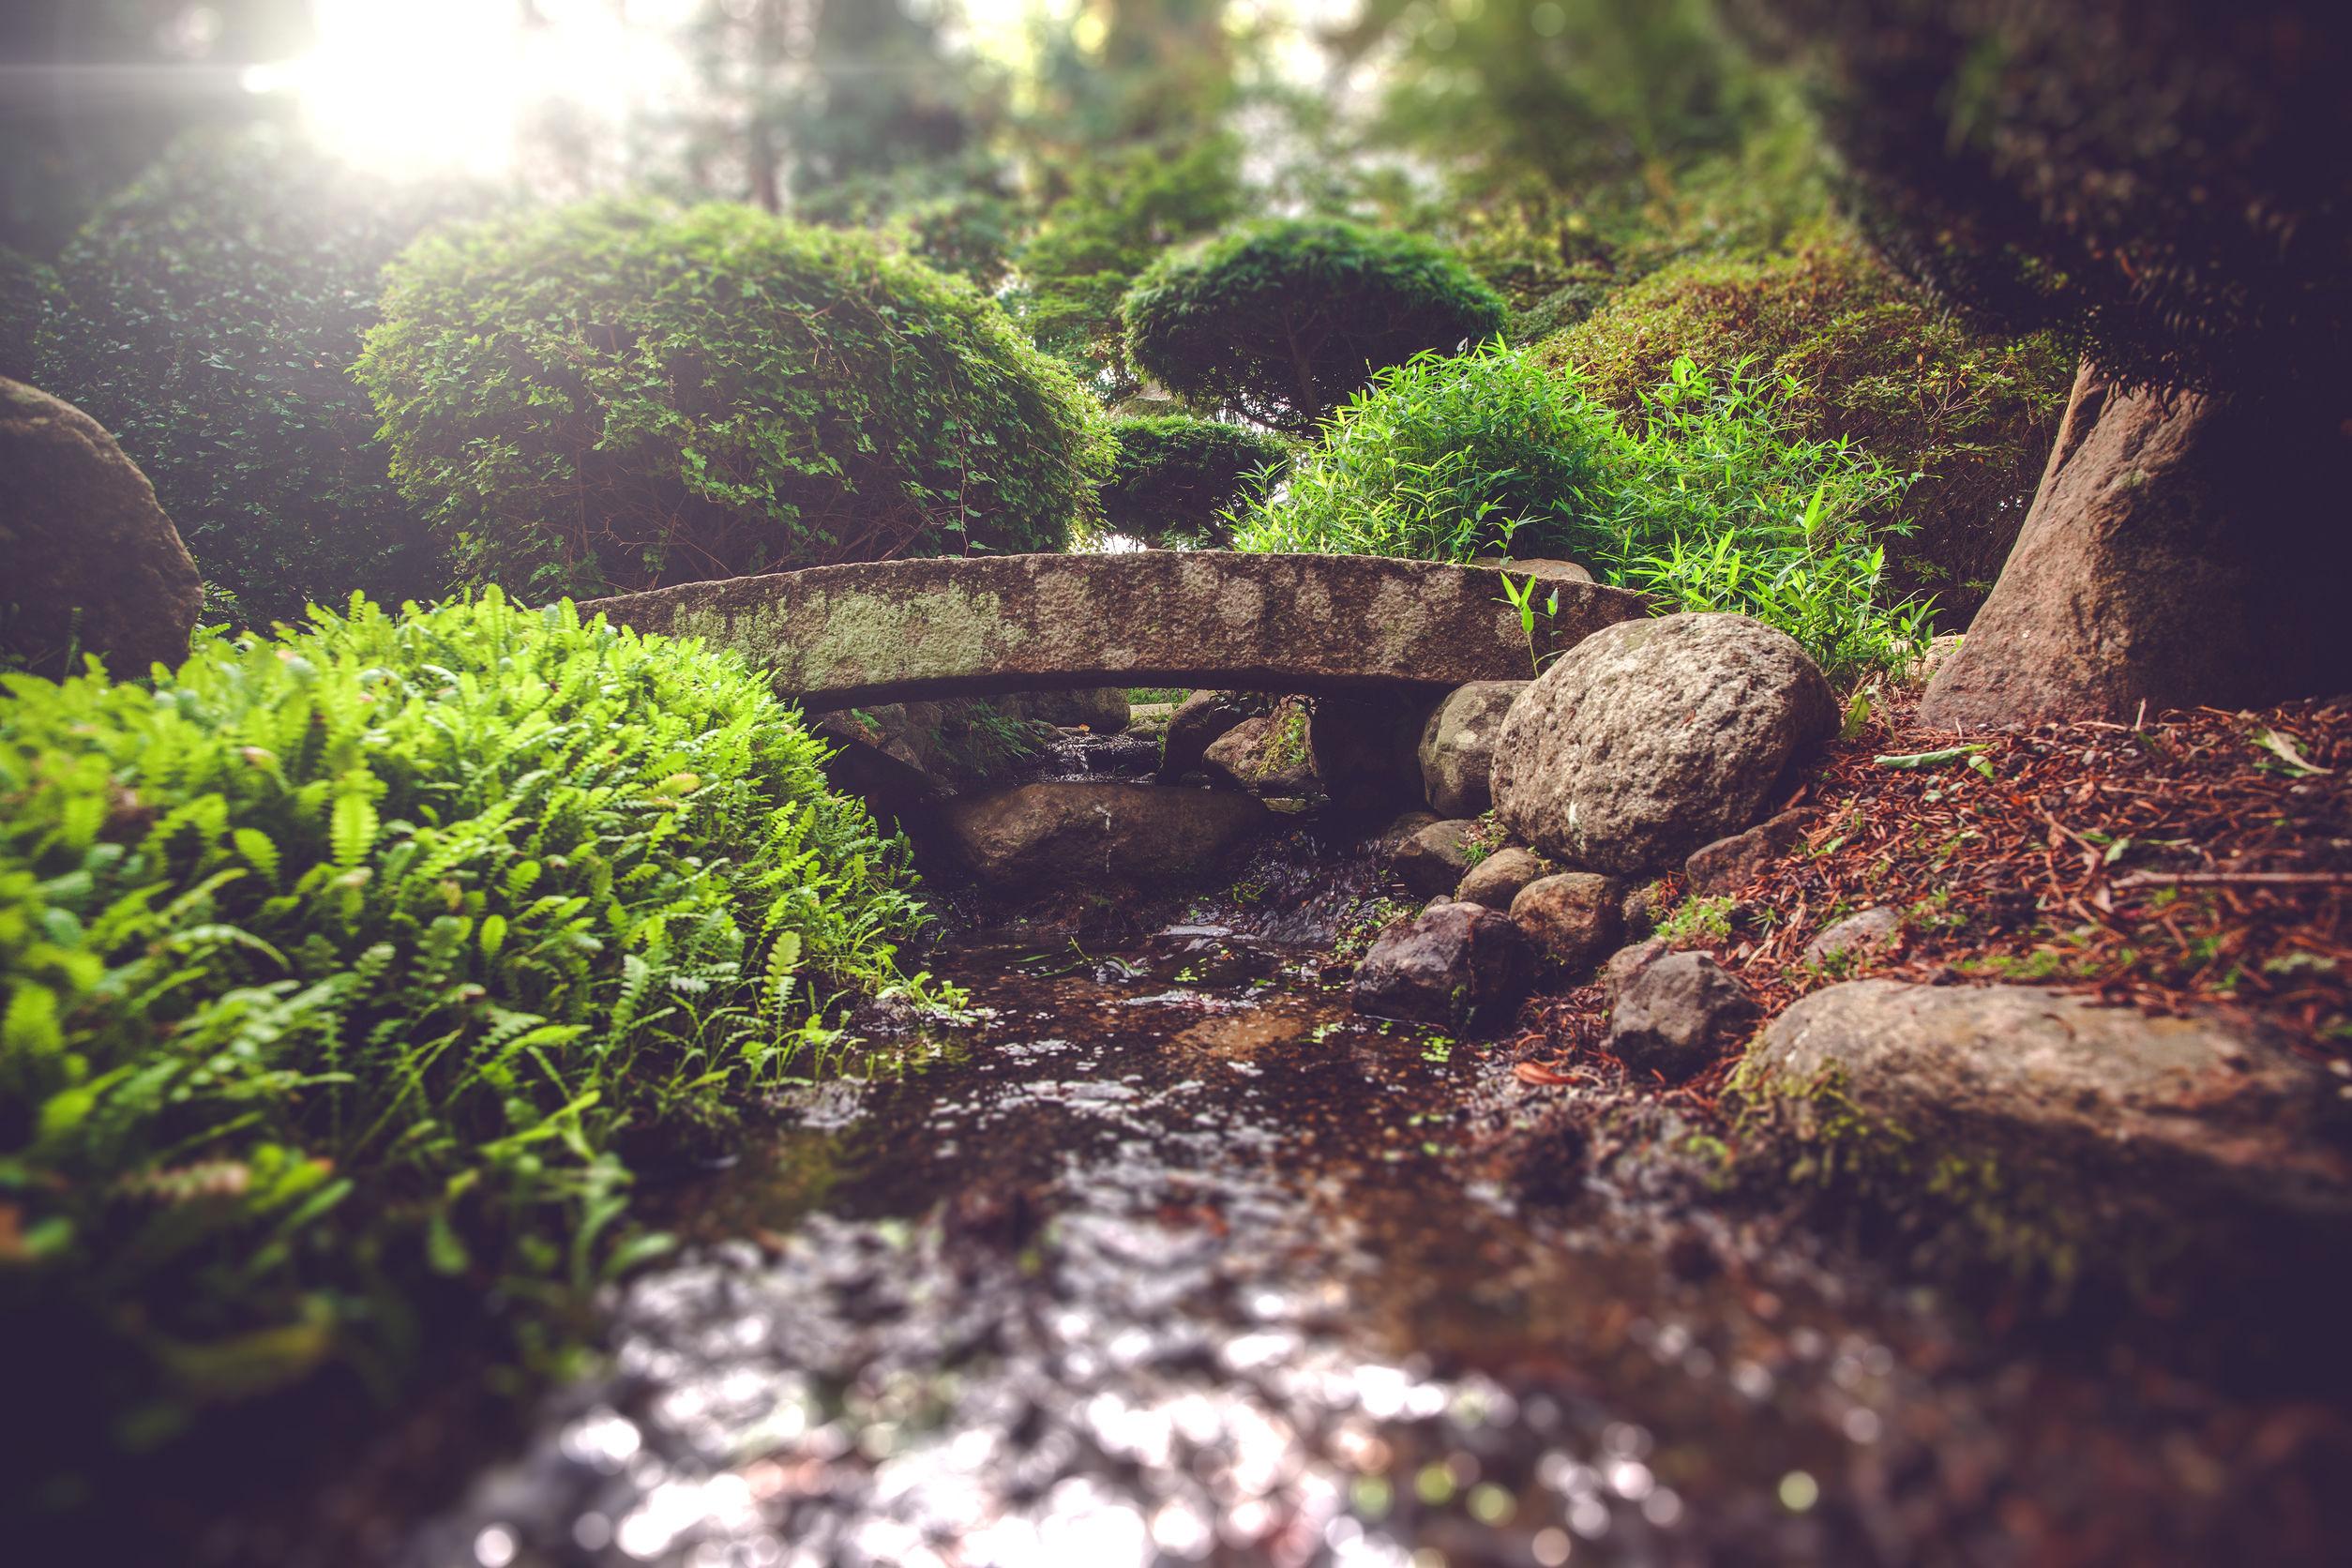 So gestalten Sie einen natürlichen und pflegeleichten Garten